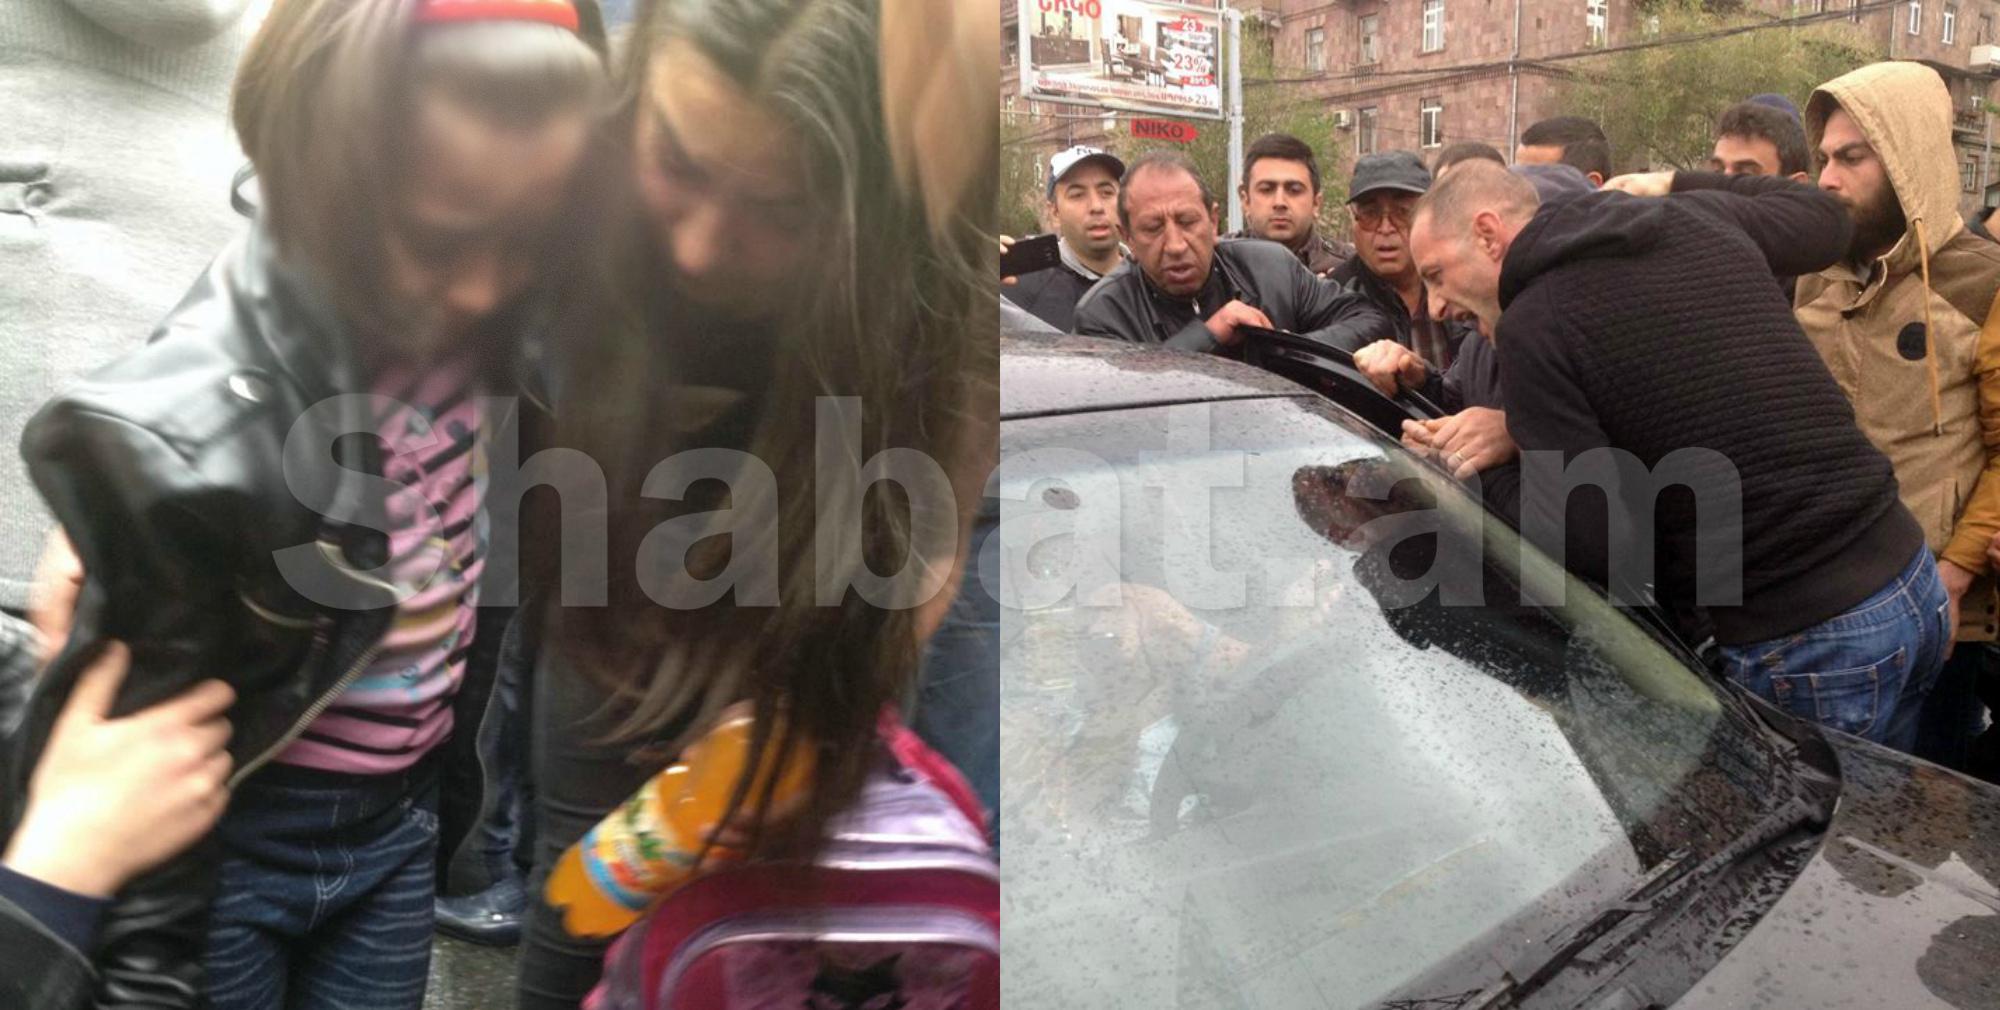 Կոմիտասի պողոտայում վարորդը մեքենան քշել է փոքրիկ աղջկա վրա (թարմացվող)